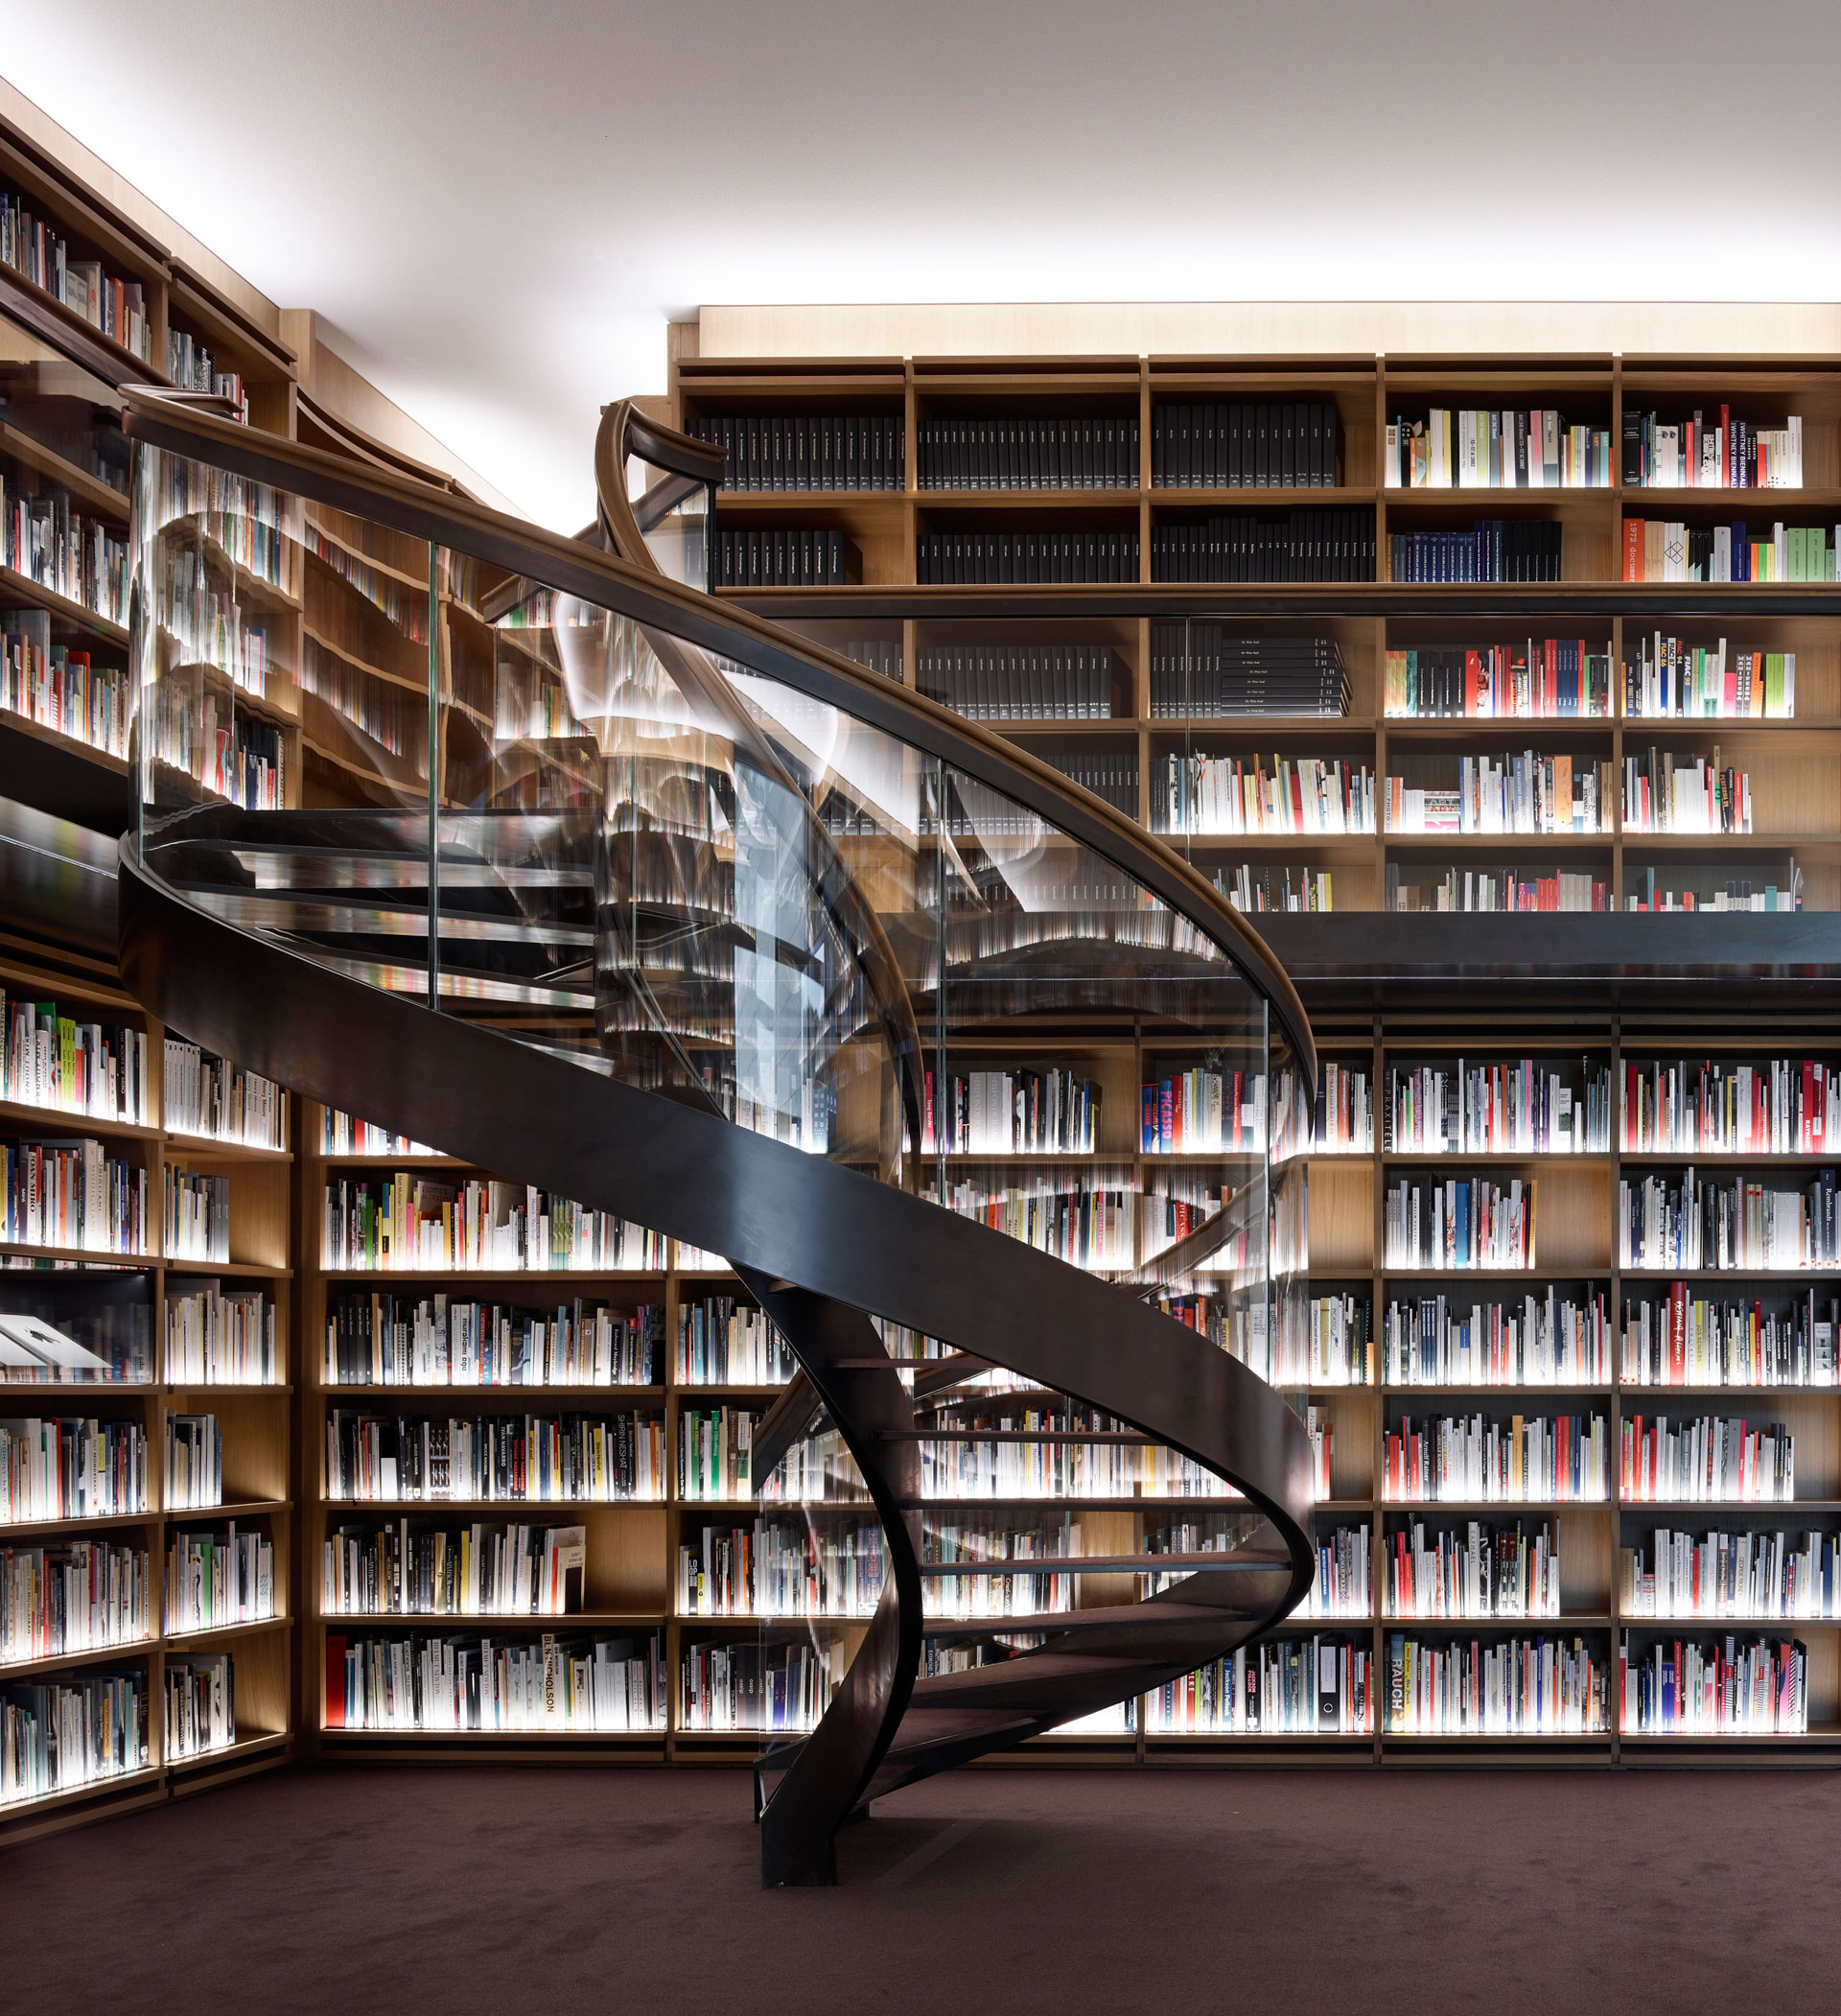 MuseumVoorlinden-Bibliotheek-PietroSavorelli-1920